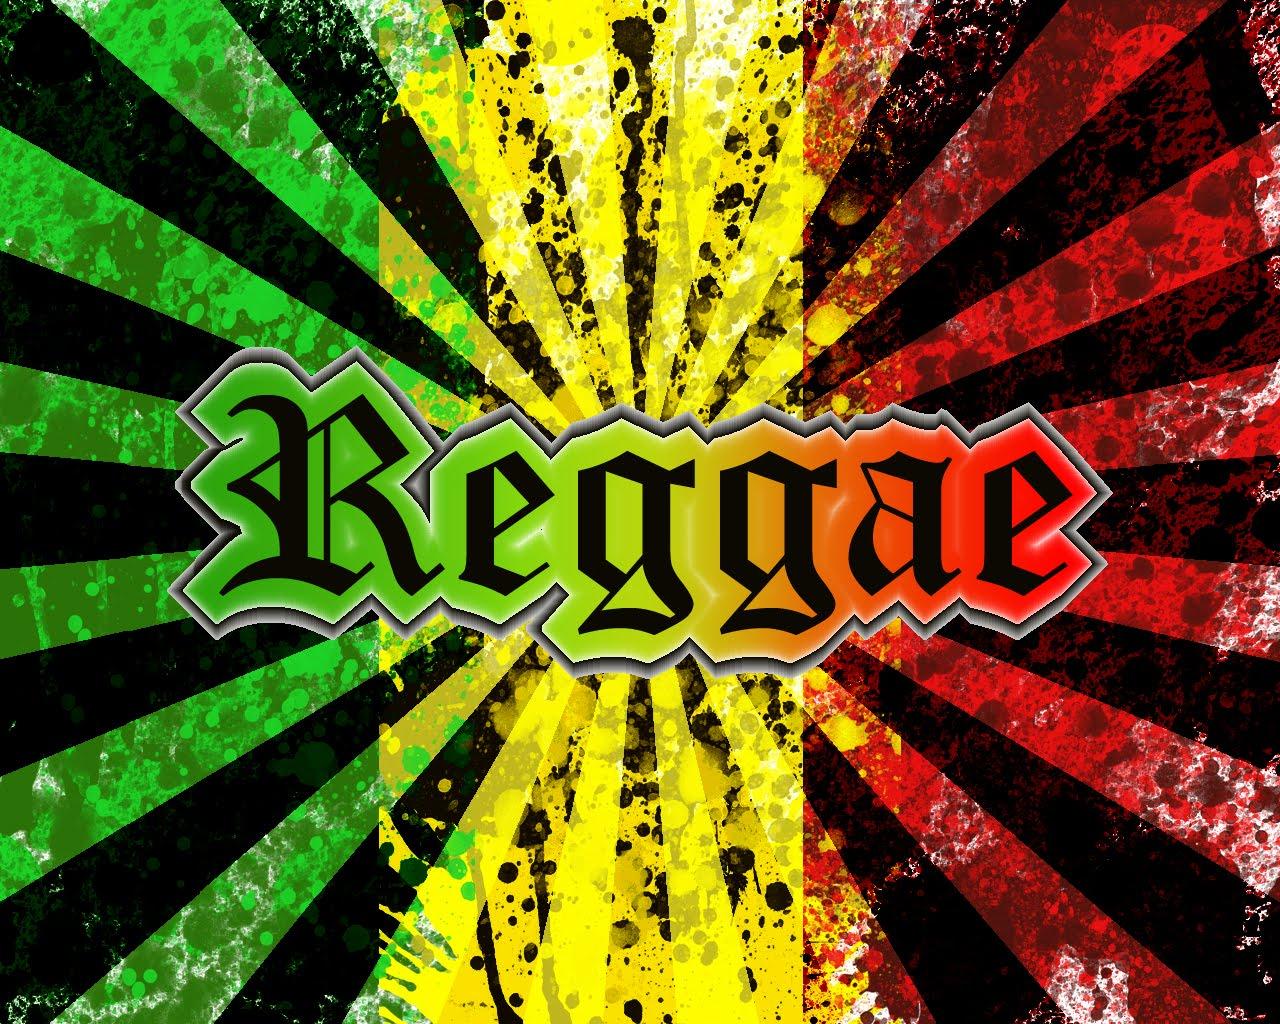 Gambar Reggae Baru 2013 Download Gratis 1280x1024